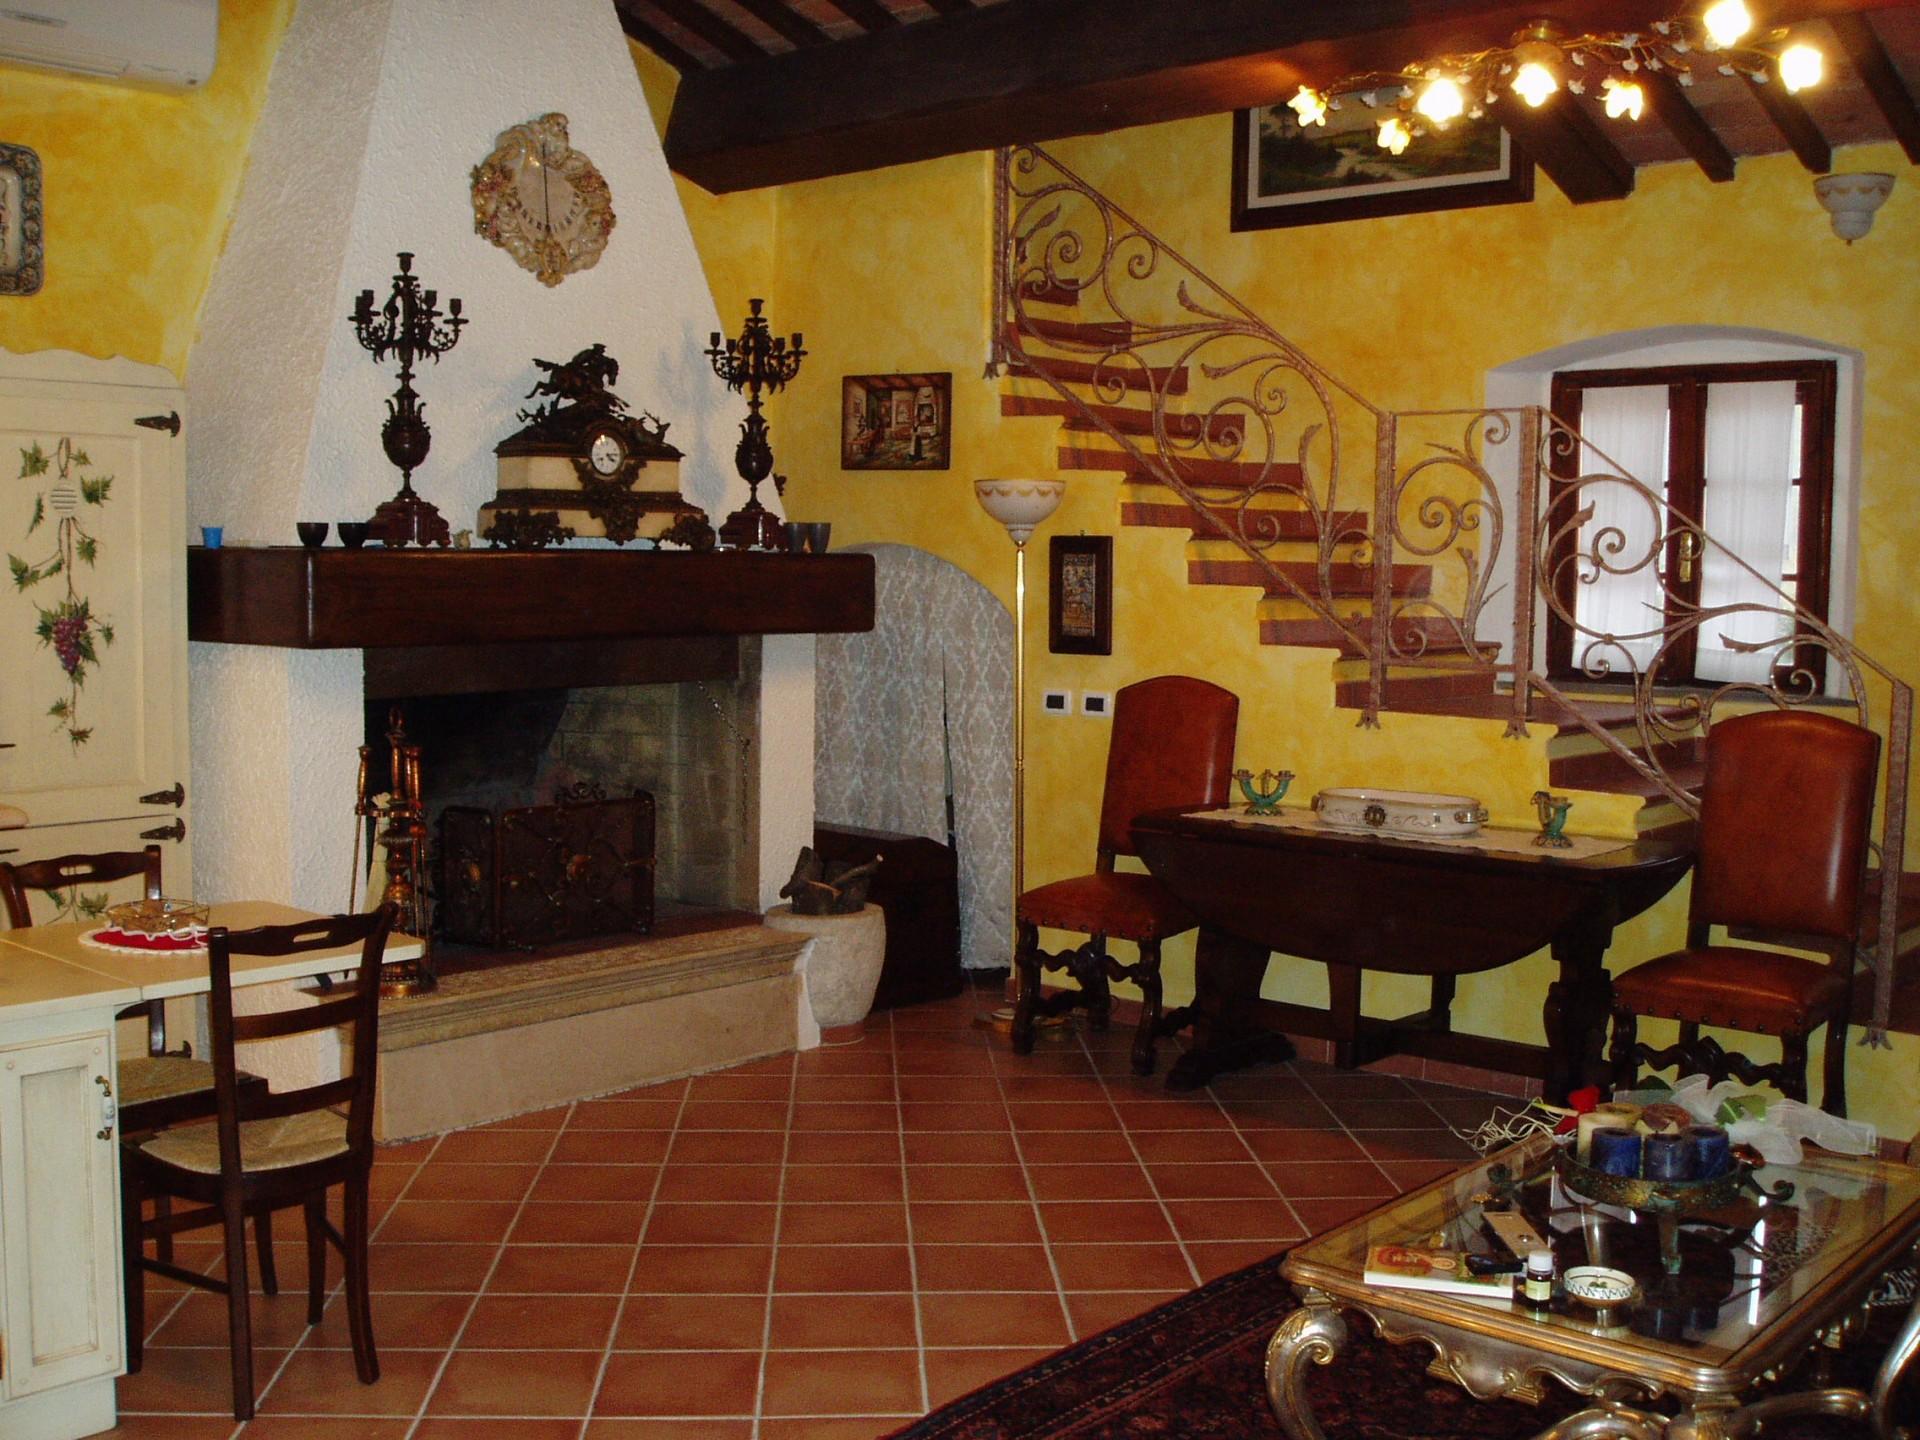 cucina rustica arredamento cucina : Cucina costruita artigianalmete su misura in legno di rovere laccato ...